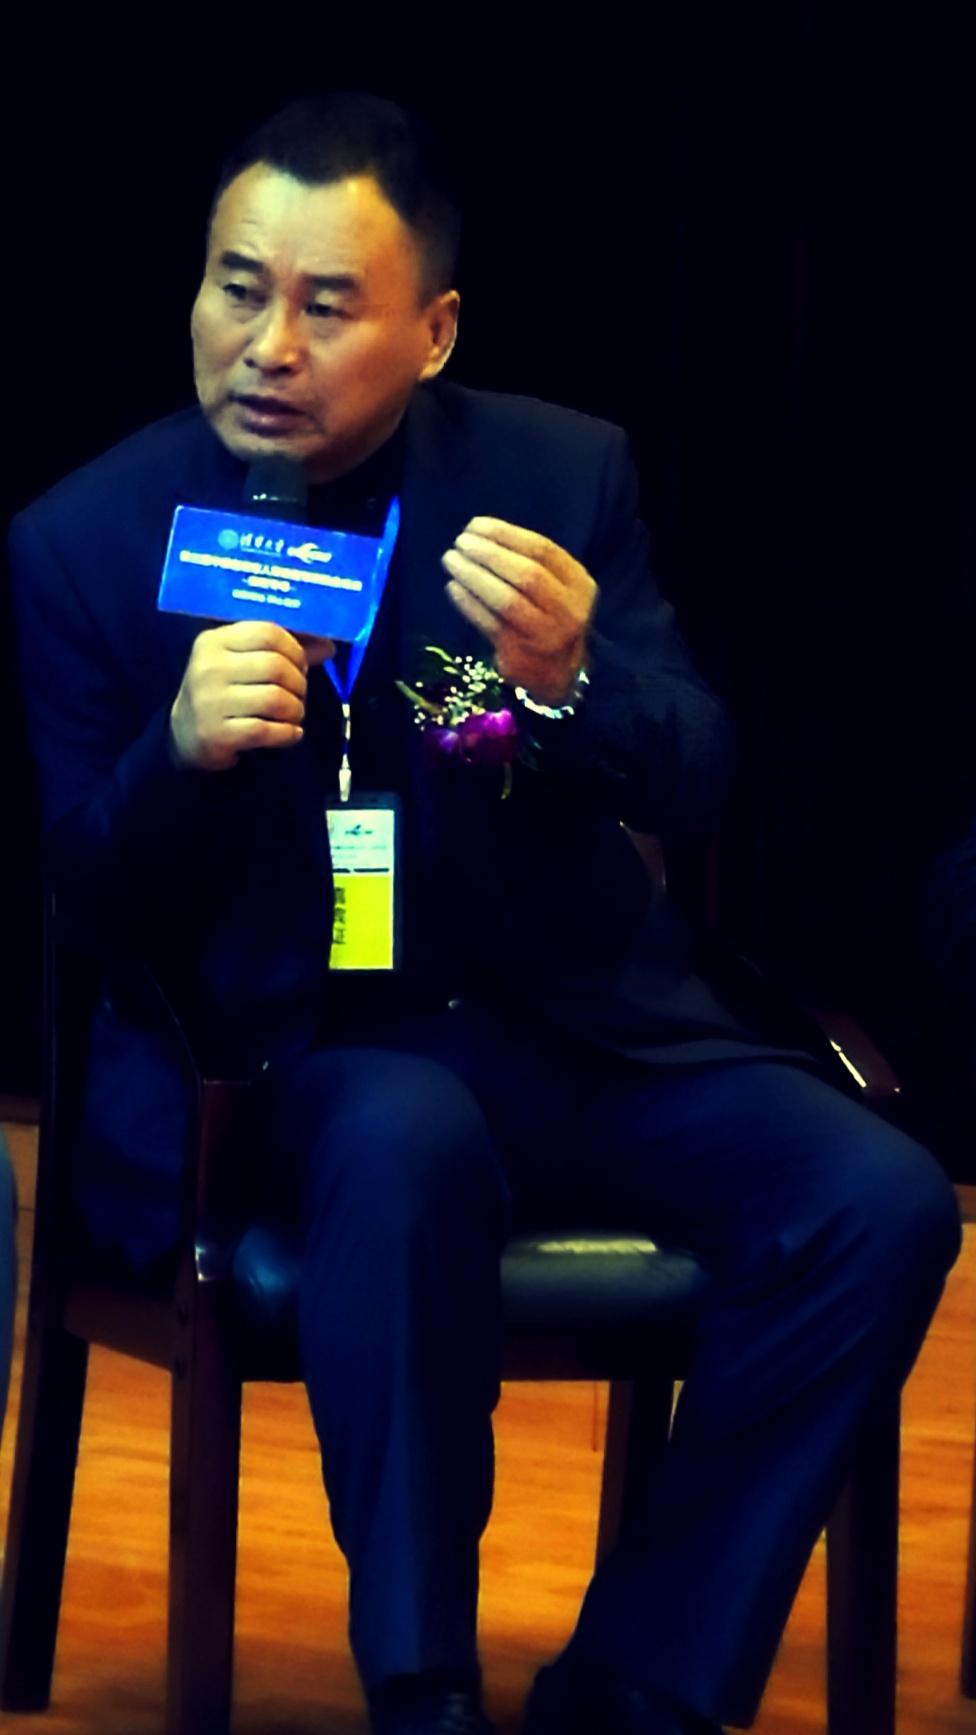 老兵房车旅游指挥长杨明参加中国退役军人事务暨军民融合论坛云南专场插图